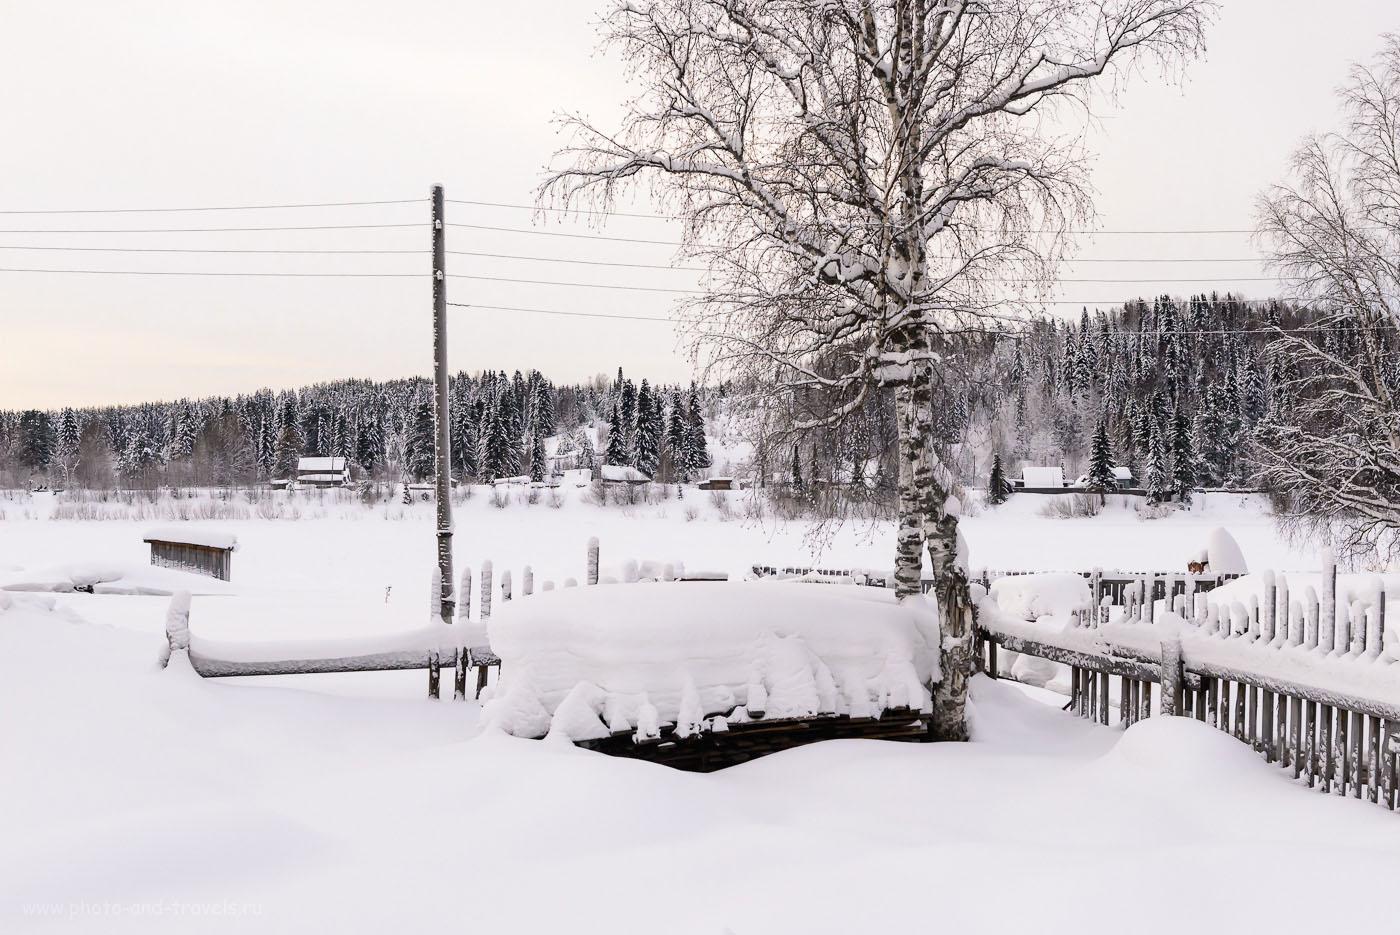 21. Вид на деревню Бахари зимой. 1/640, 8.0, 1000, 48.